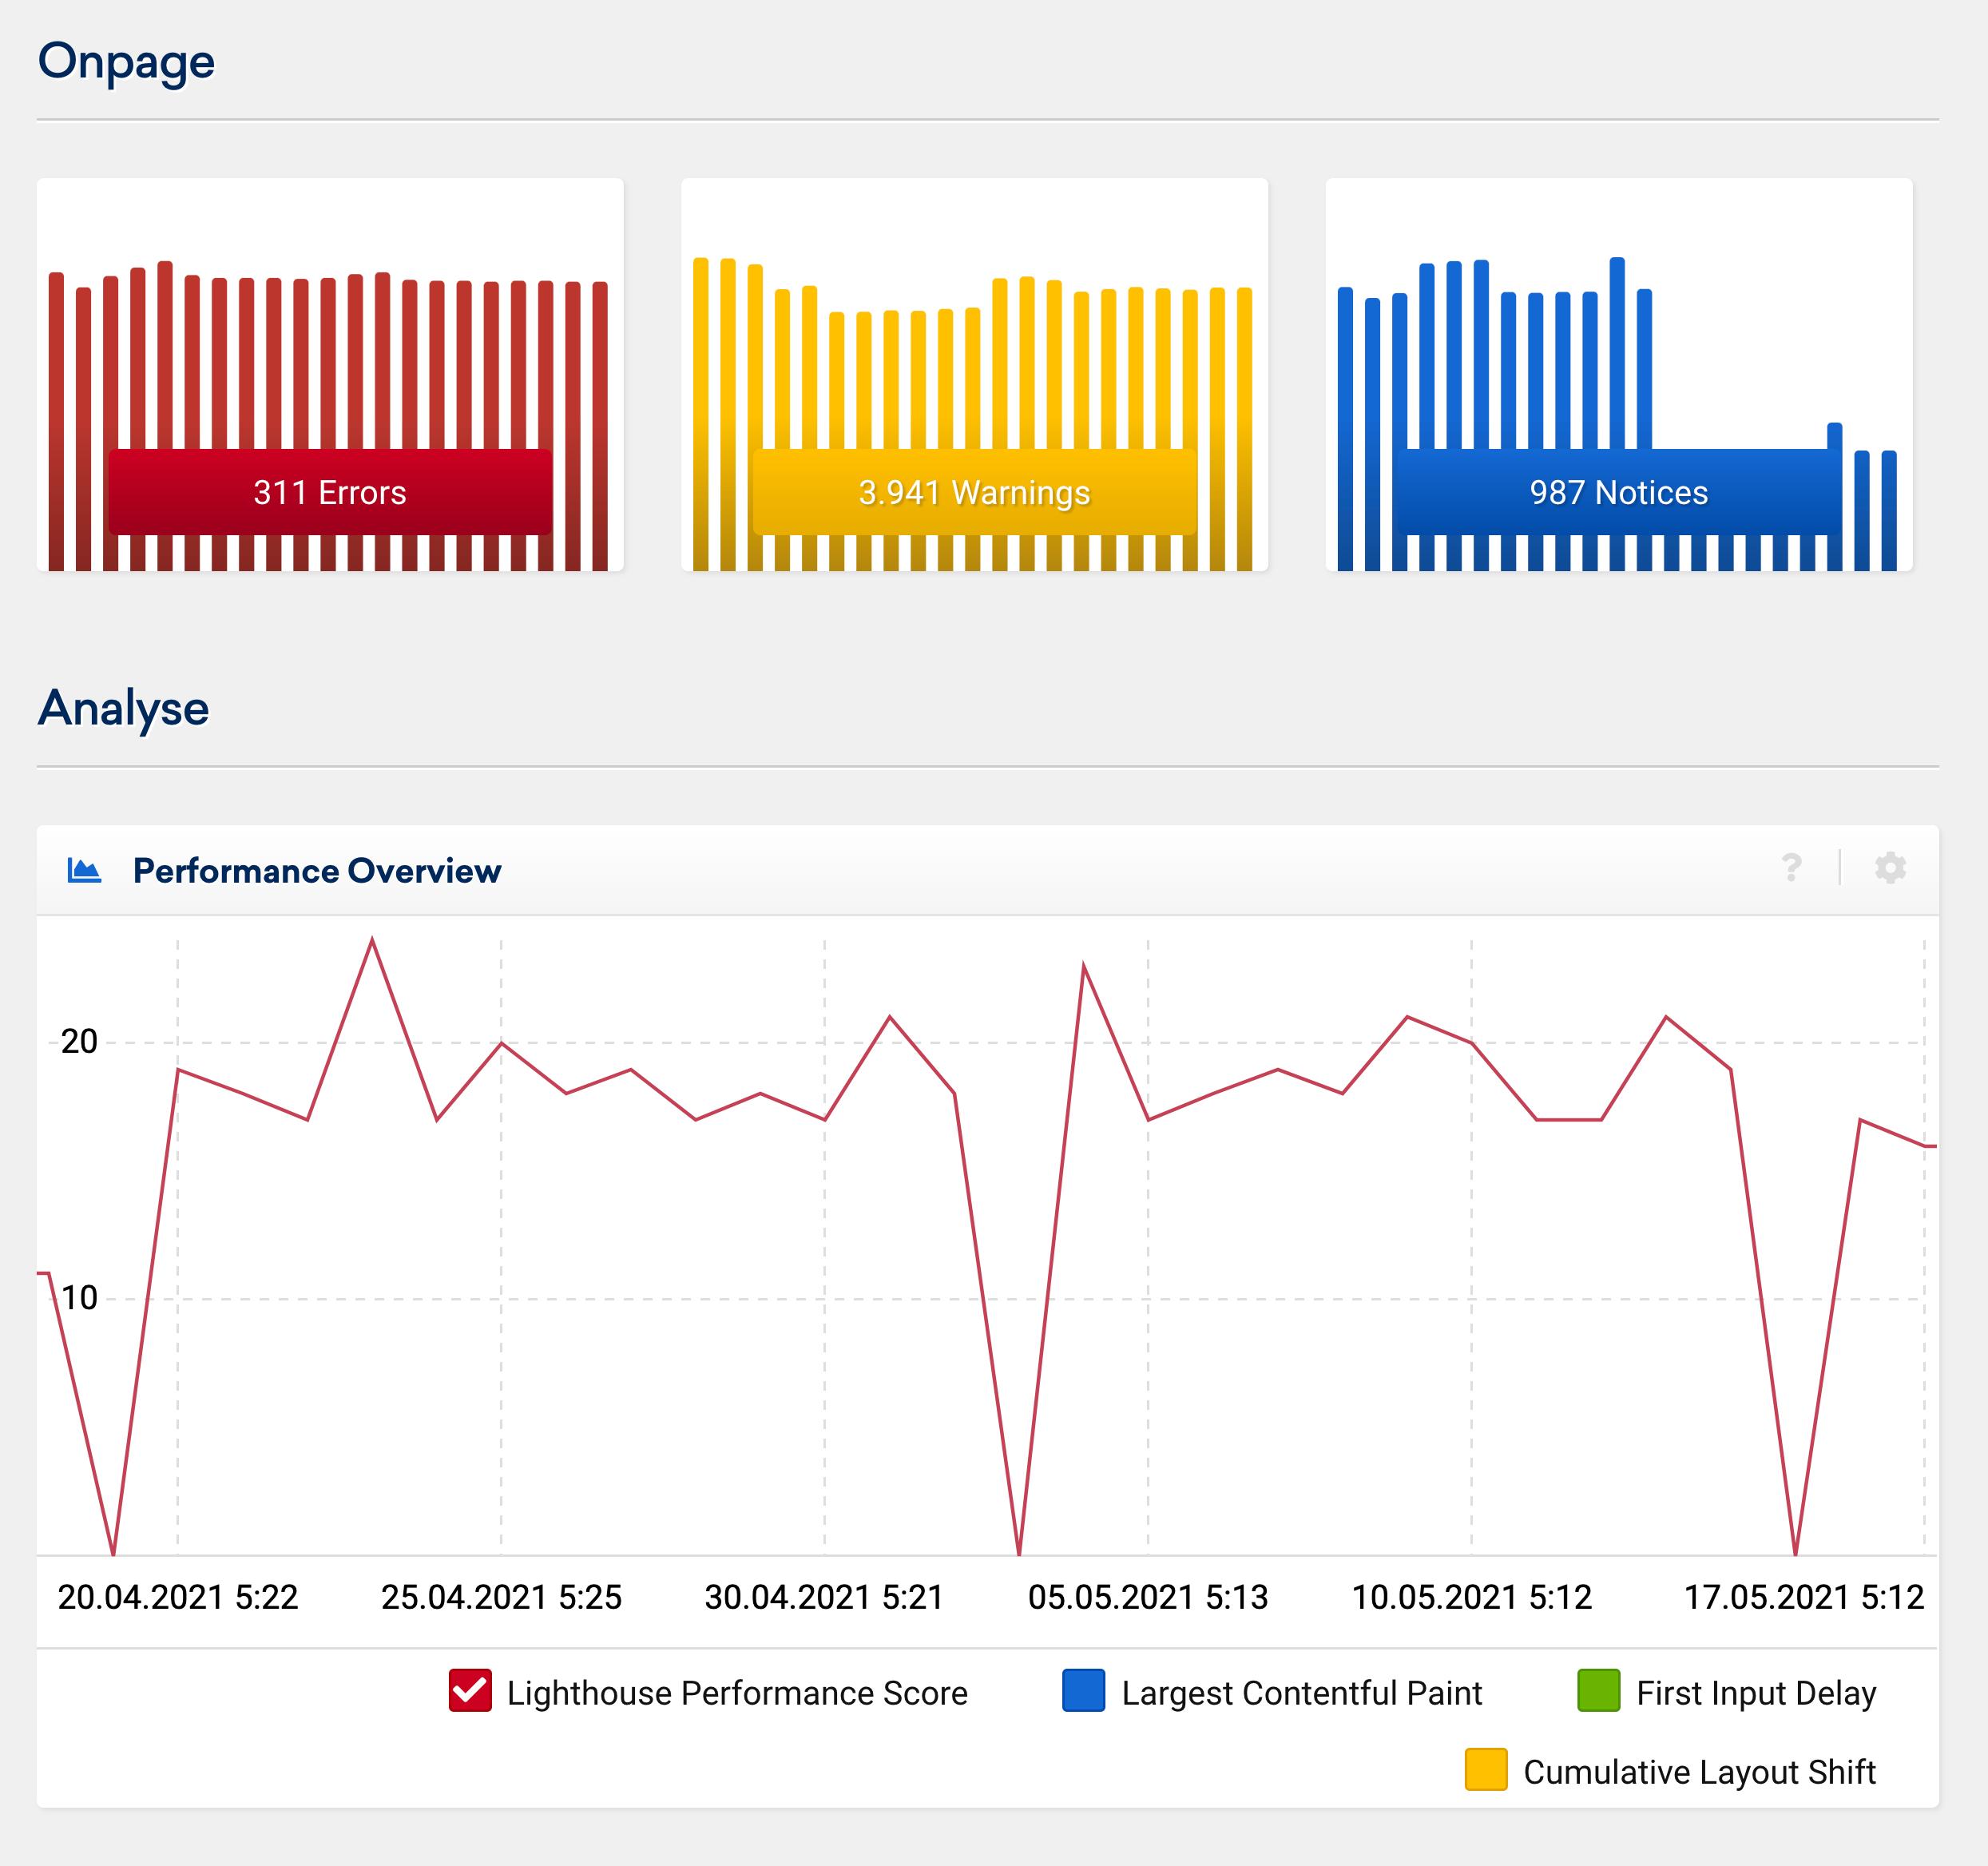 Les pics de chargement ou les changements dans la disponibilité/temps de chargement d'un site peuvent être identifiés rapidement dans l'Optimiseur